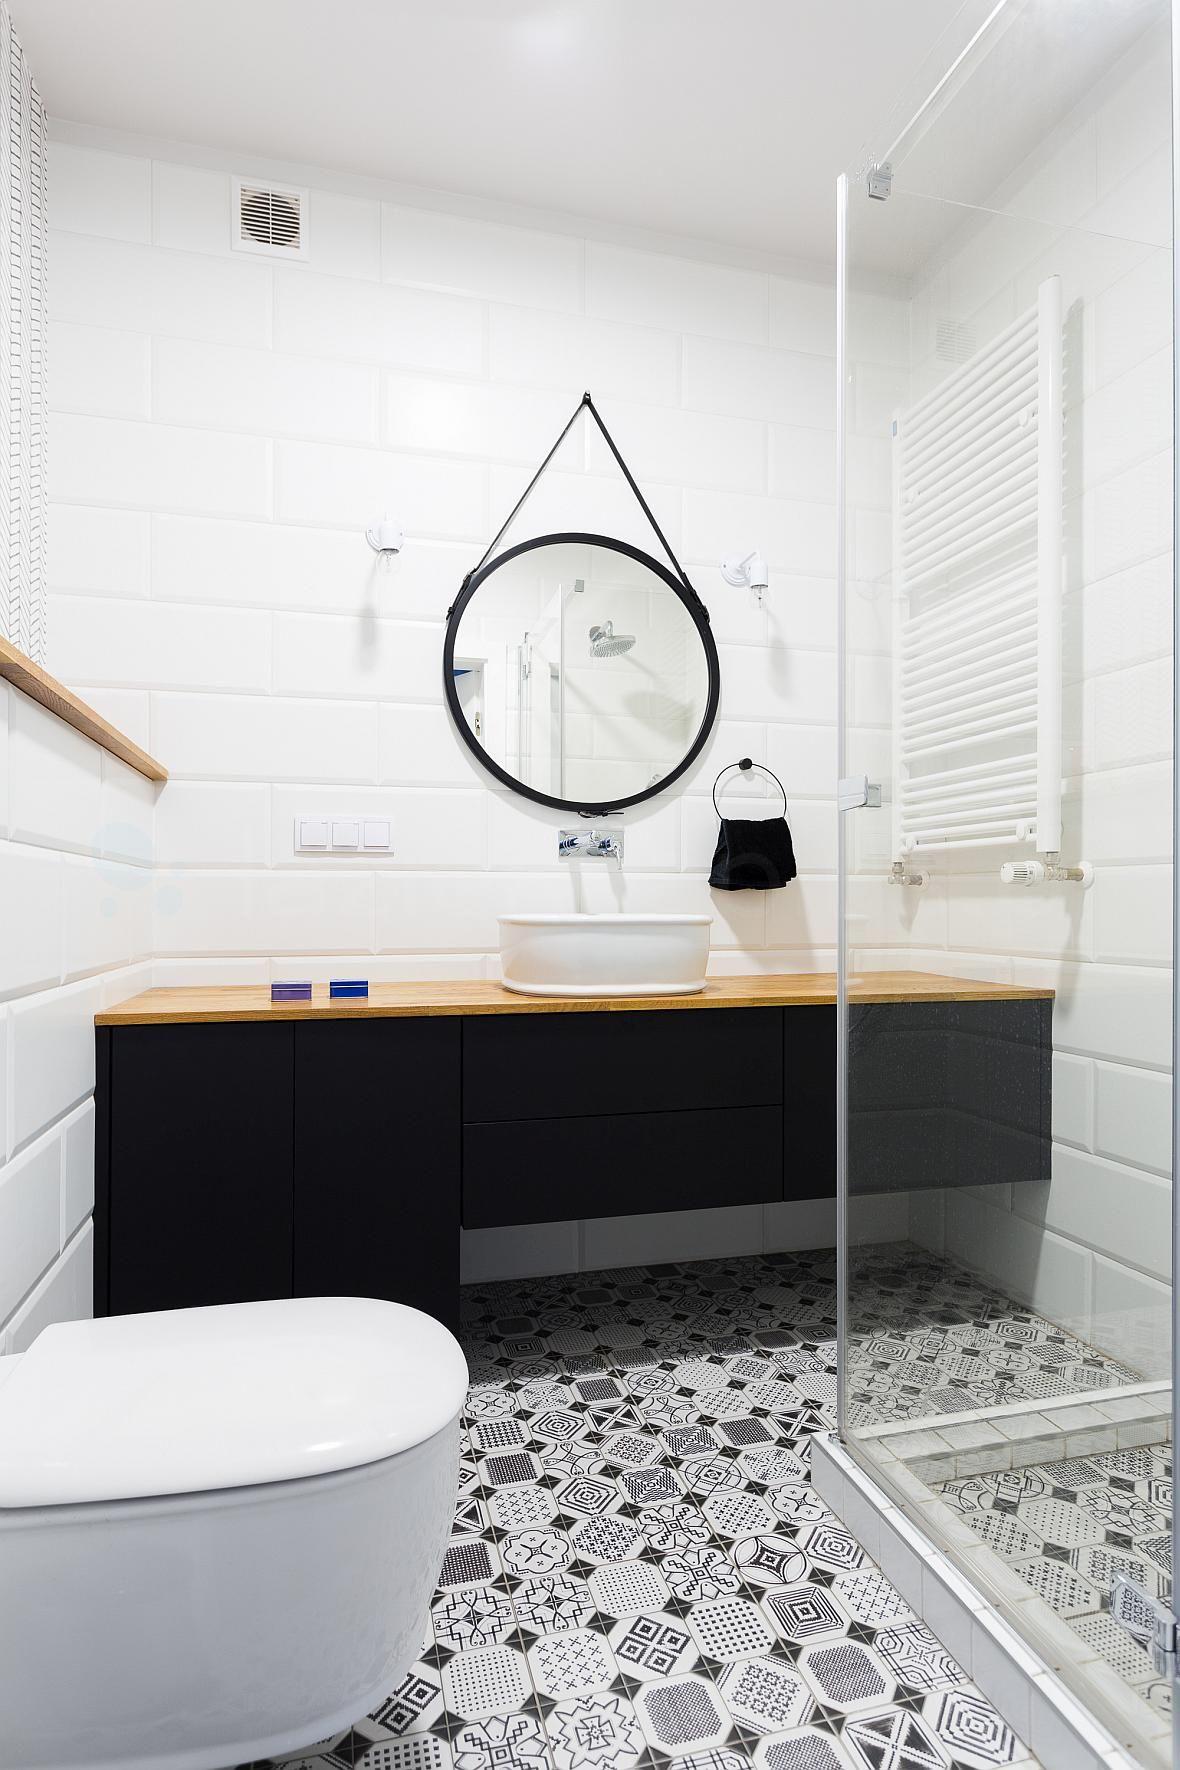 łazienka W Bieli I Czerni Kuchnie I łazienki Inspiracje